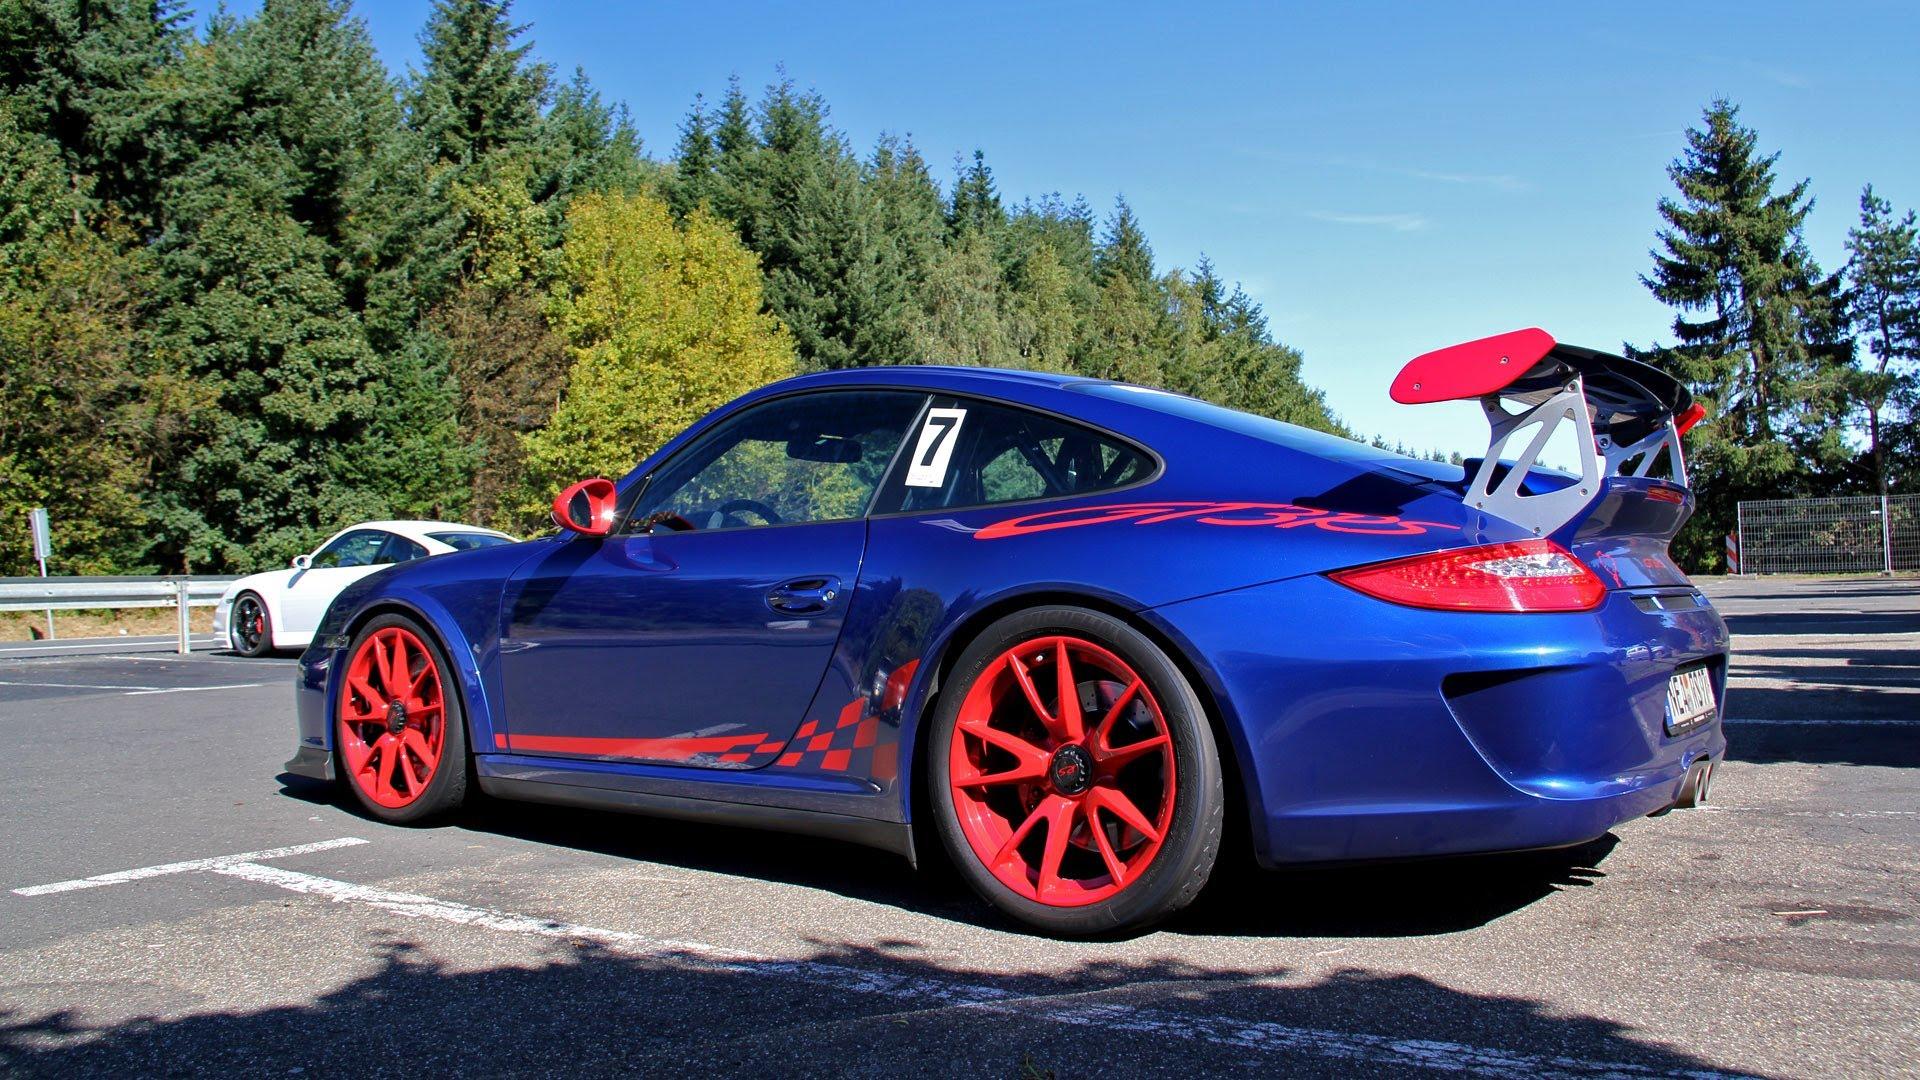 Porsche GT3 RS Blue